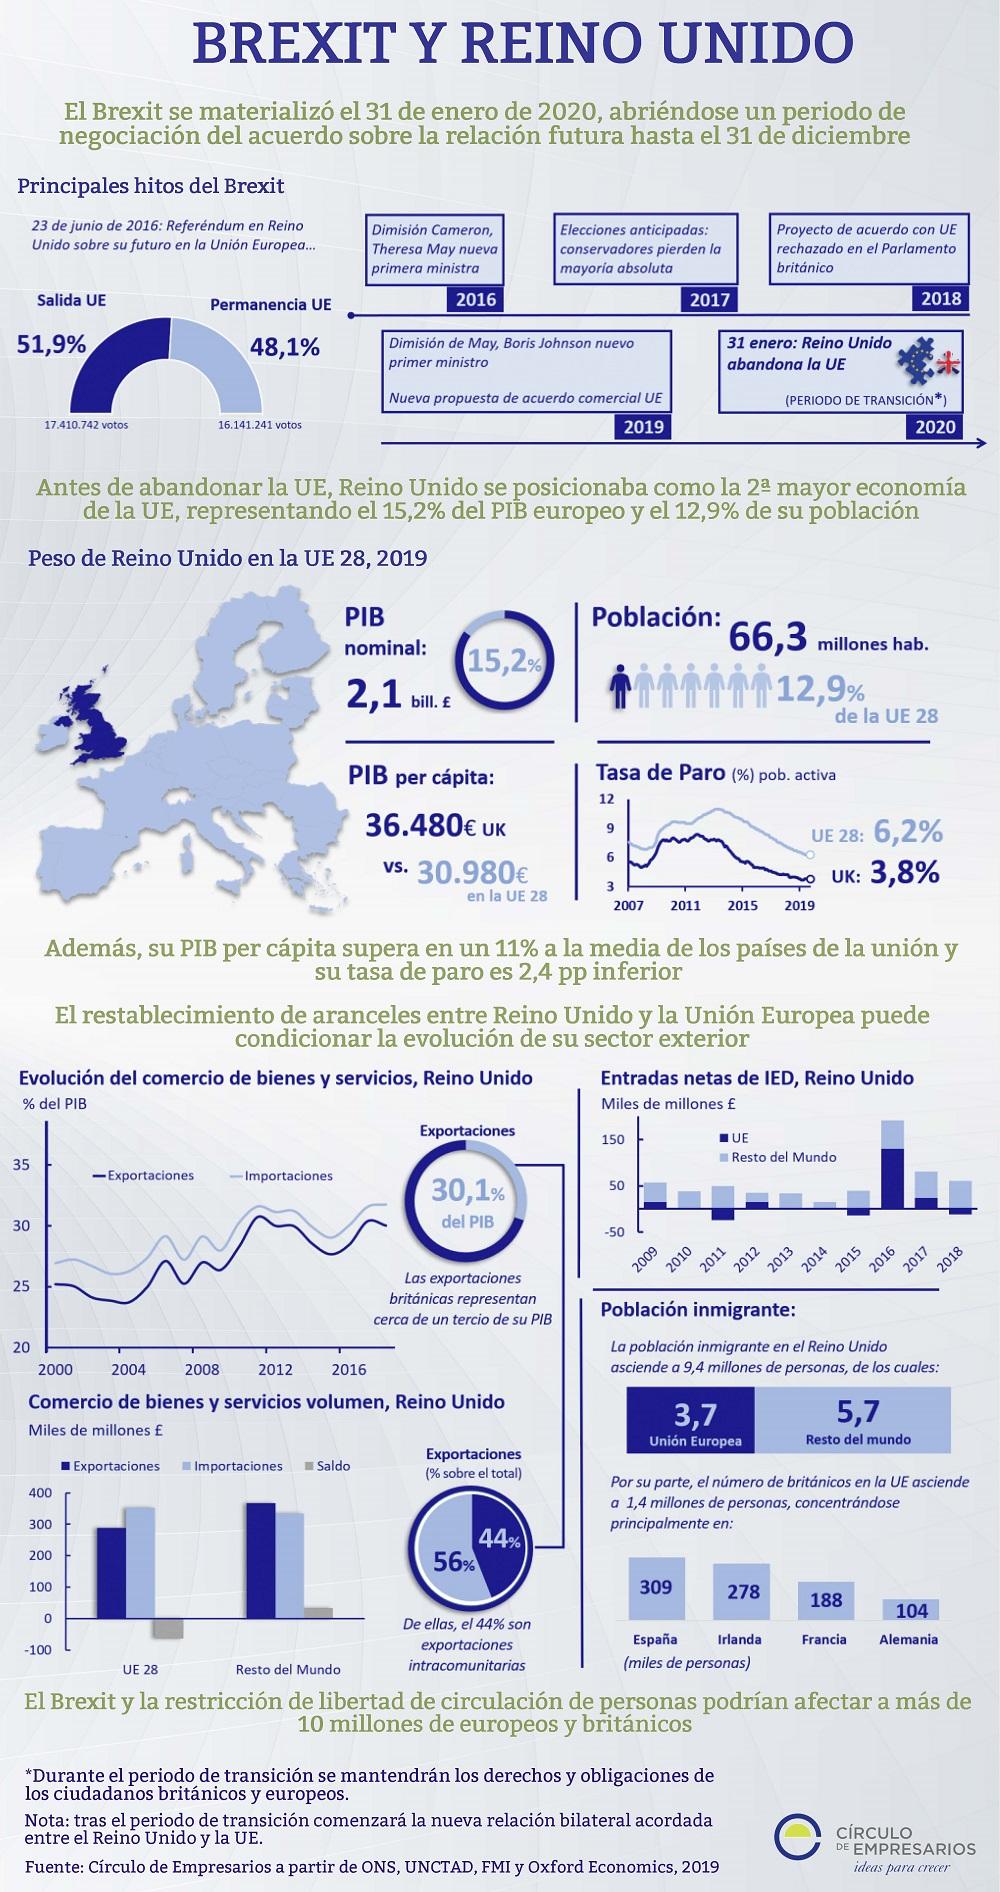 Brexit-y-Reino-Unido-infografia-Circulo-de-Empresarios-febrero-2020